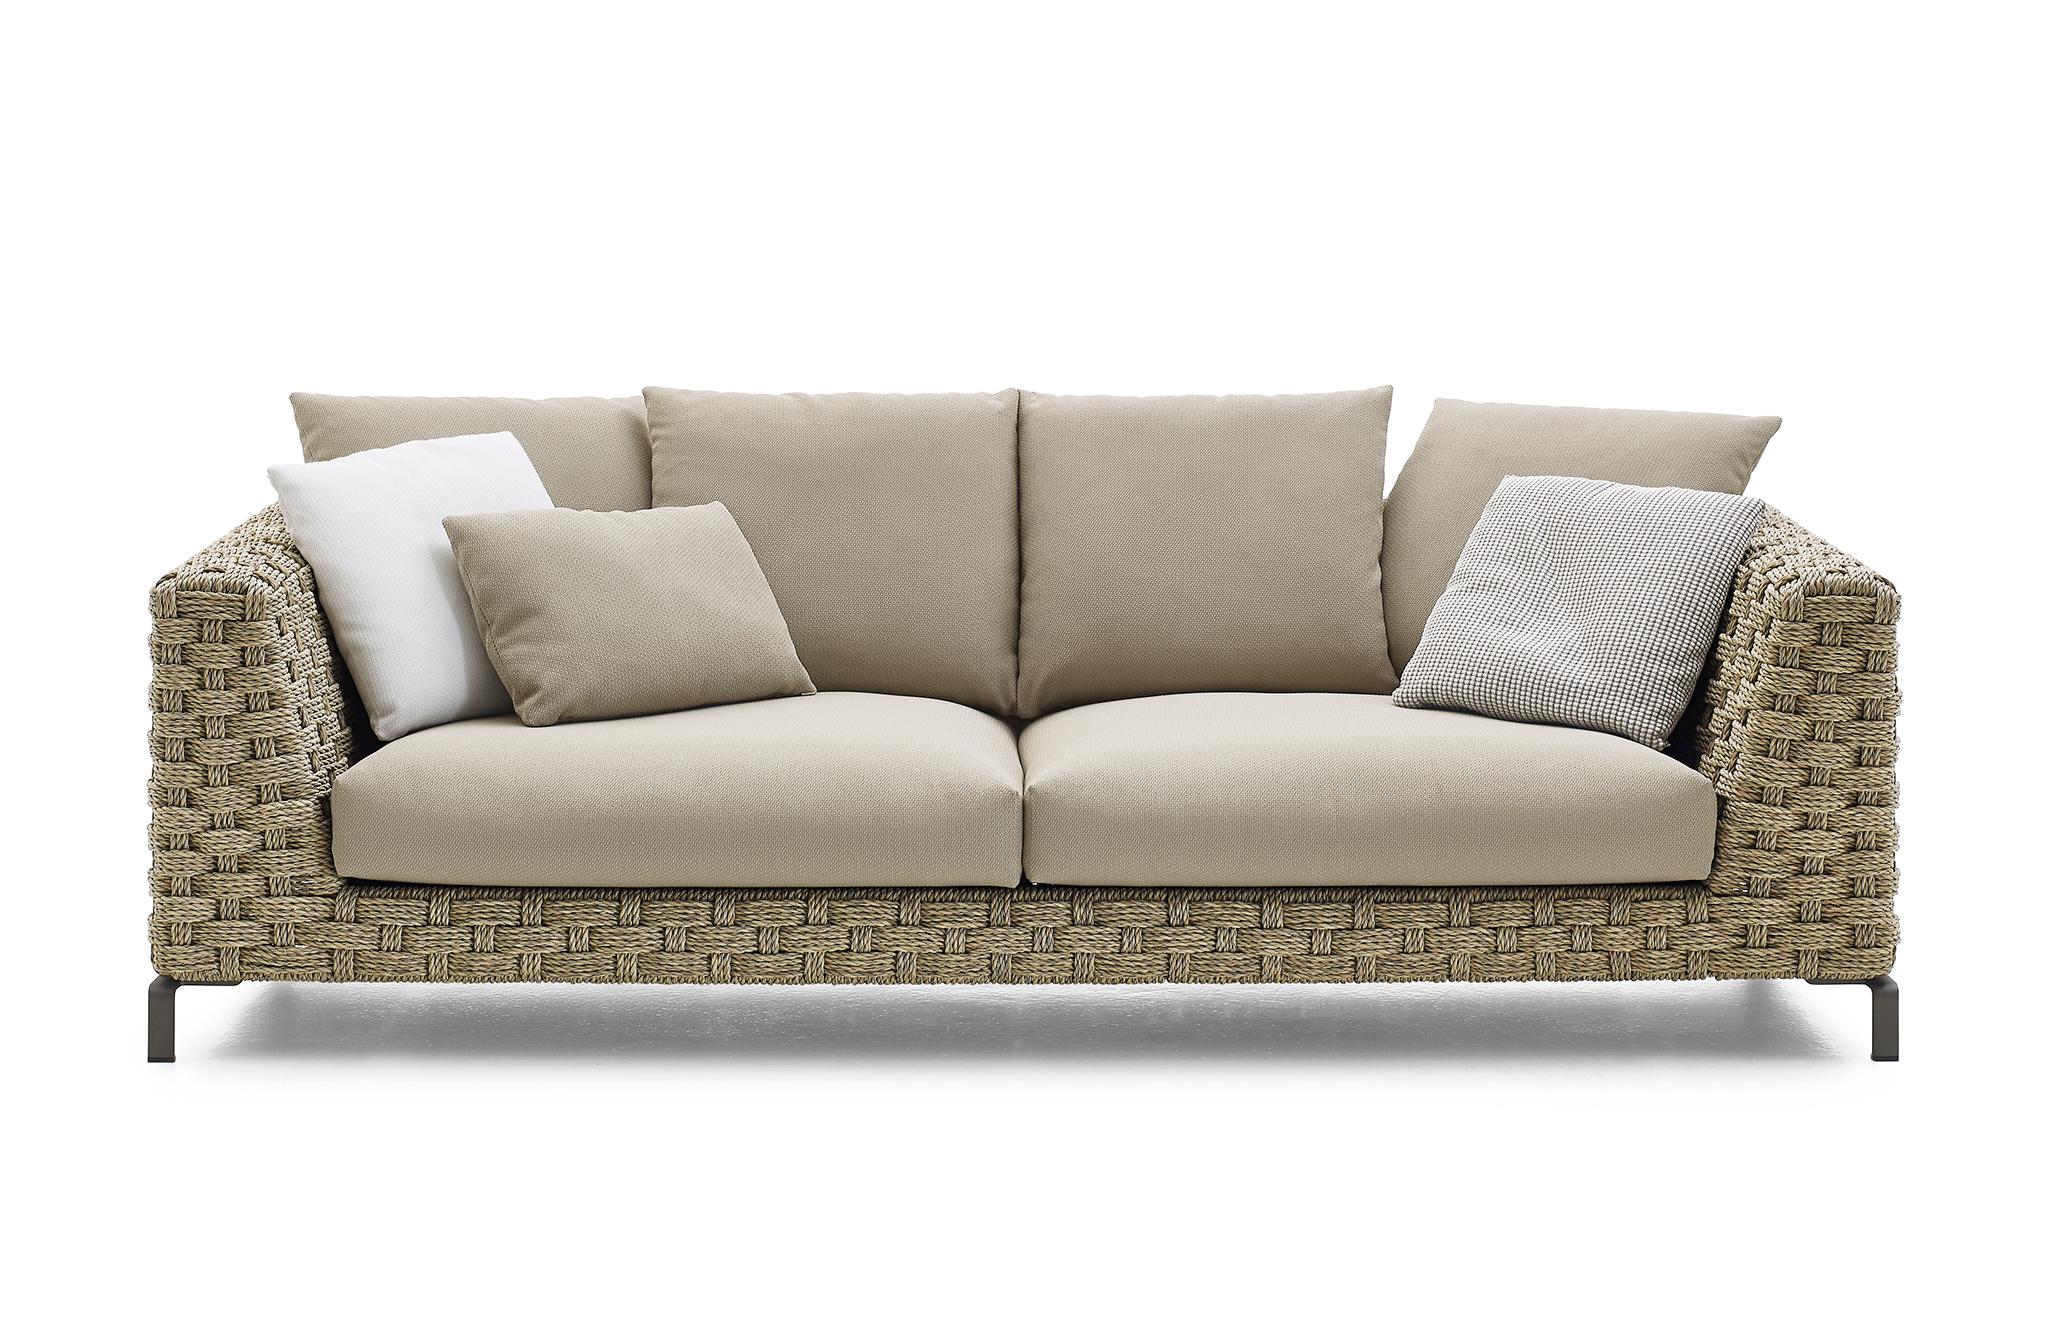 ray outdoor natural zweisitzer von b b italia stylepark. Black Bedroom Furniture Sets. Home Design Ideas